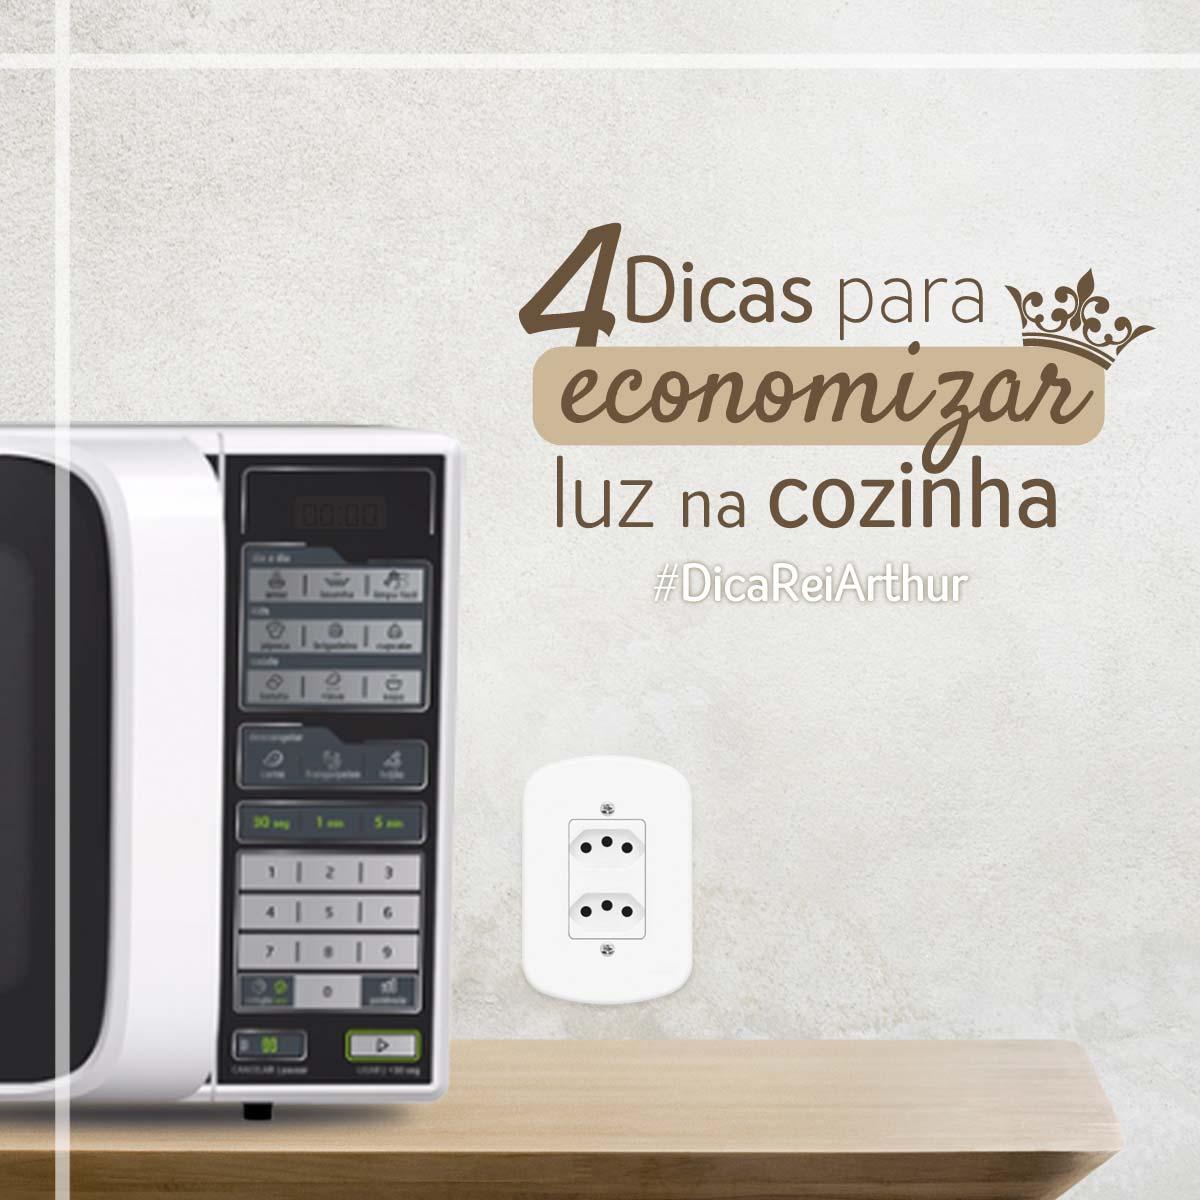 Dicas para economizar luz na cozinha